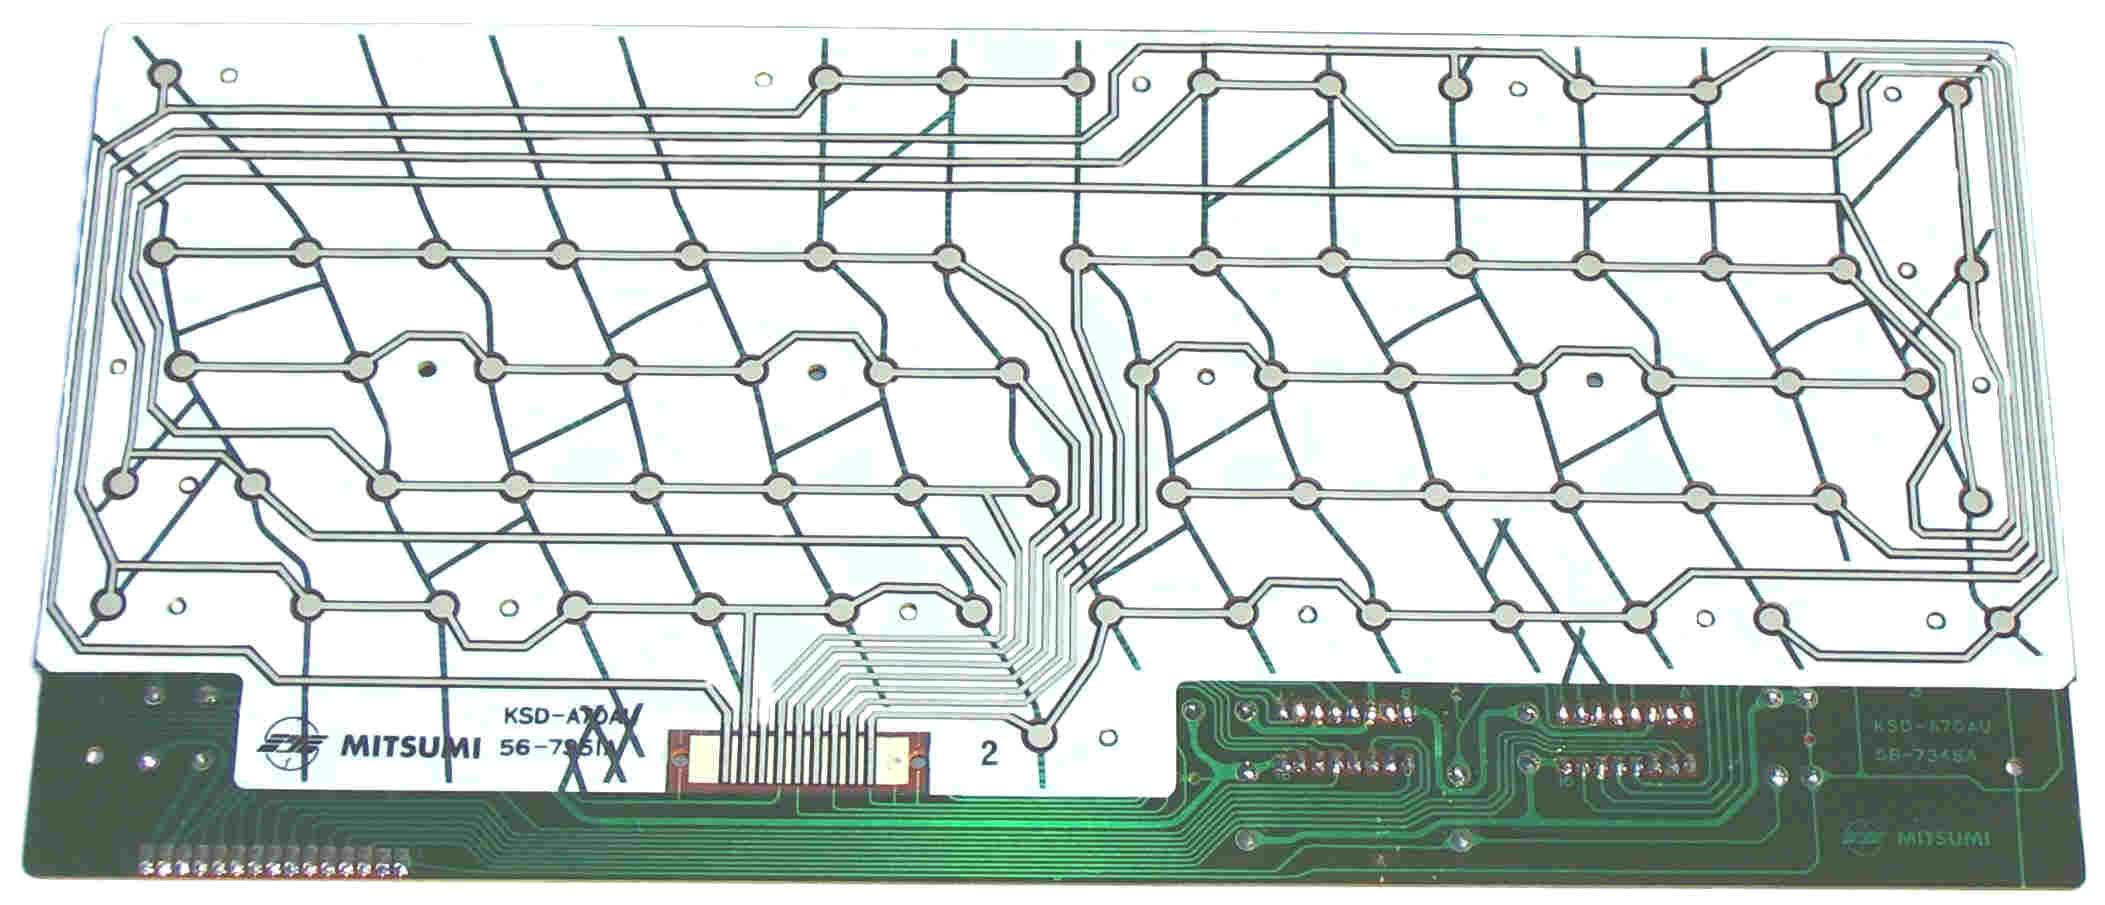 A new Best Atari 1200XL Keyboard